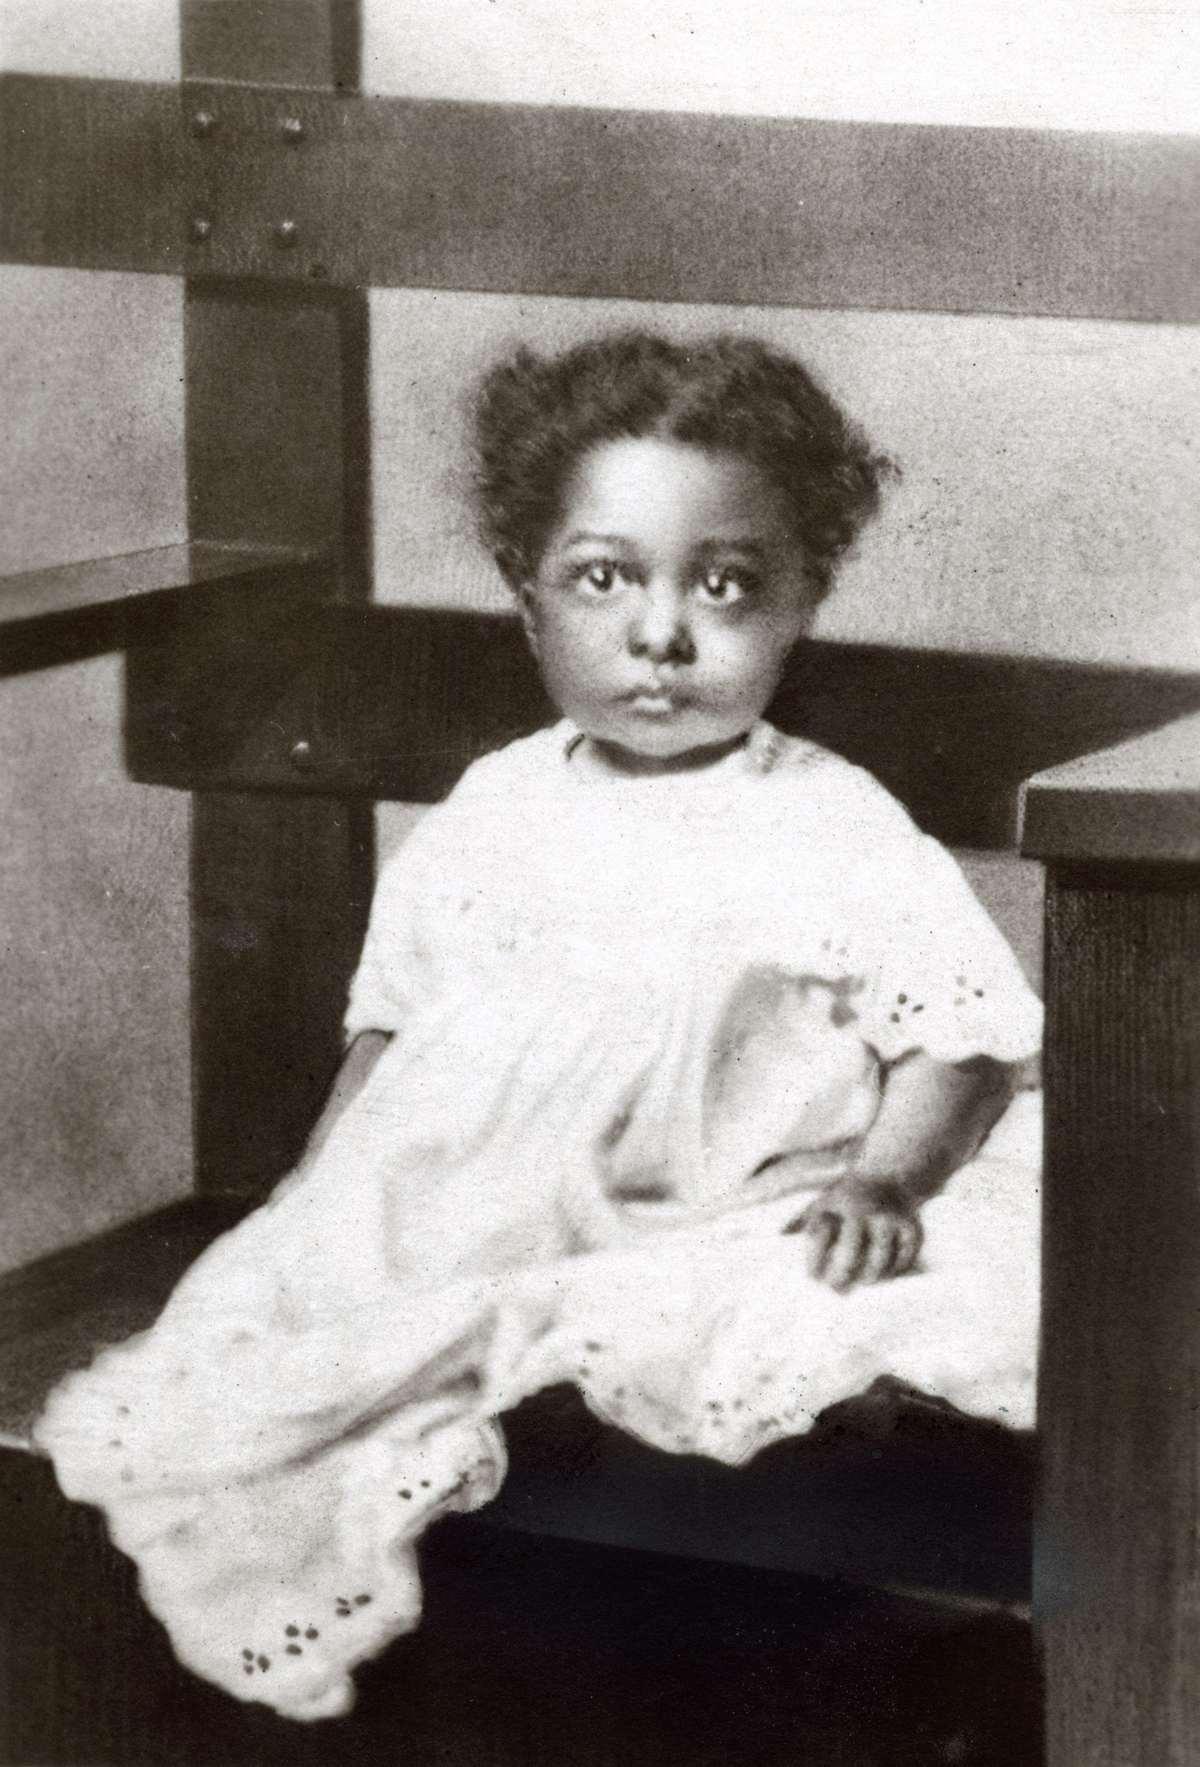 Josephine baker als kind kleuter dreumes van 18 maanden oud memory of the netherlands - Kind oud ...